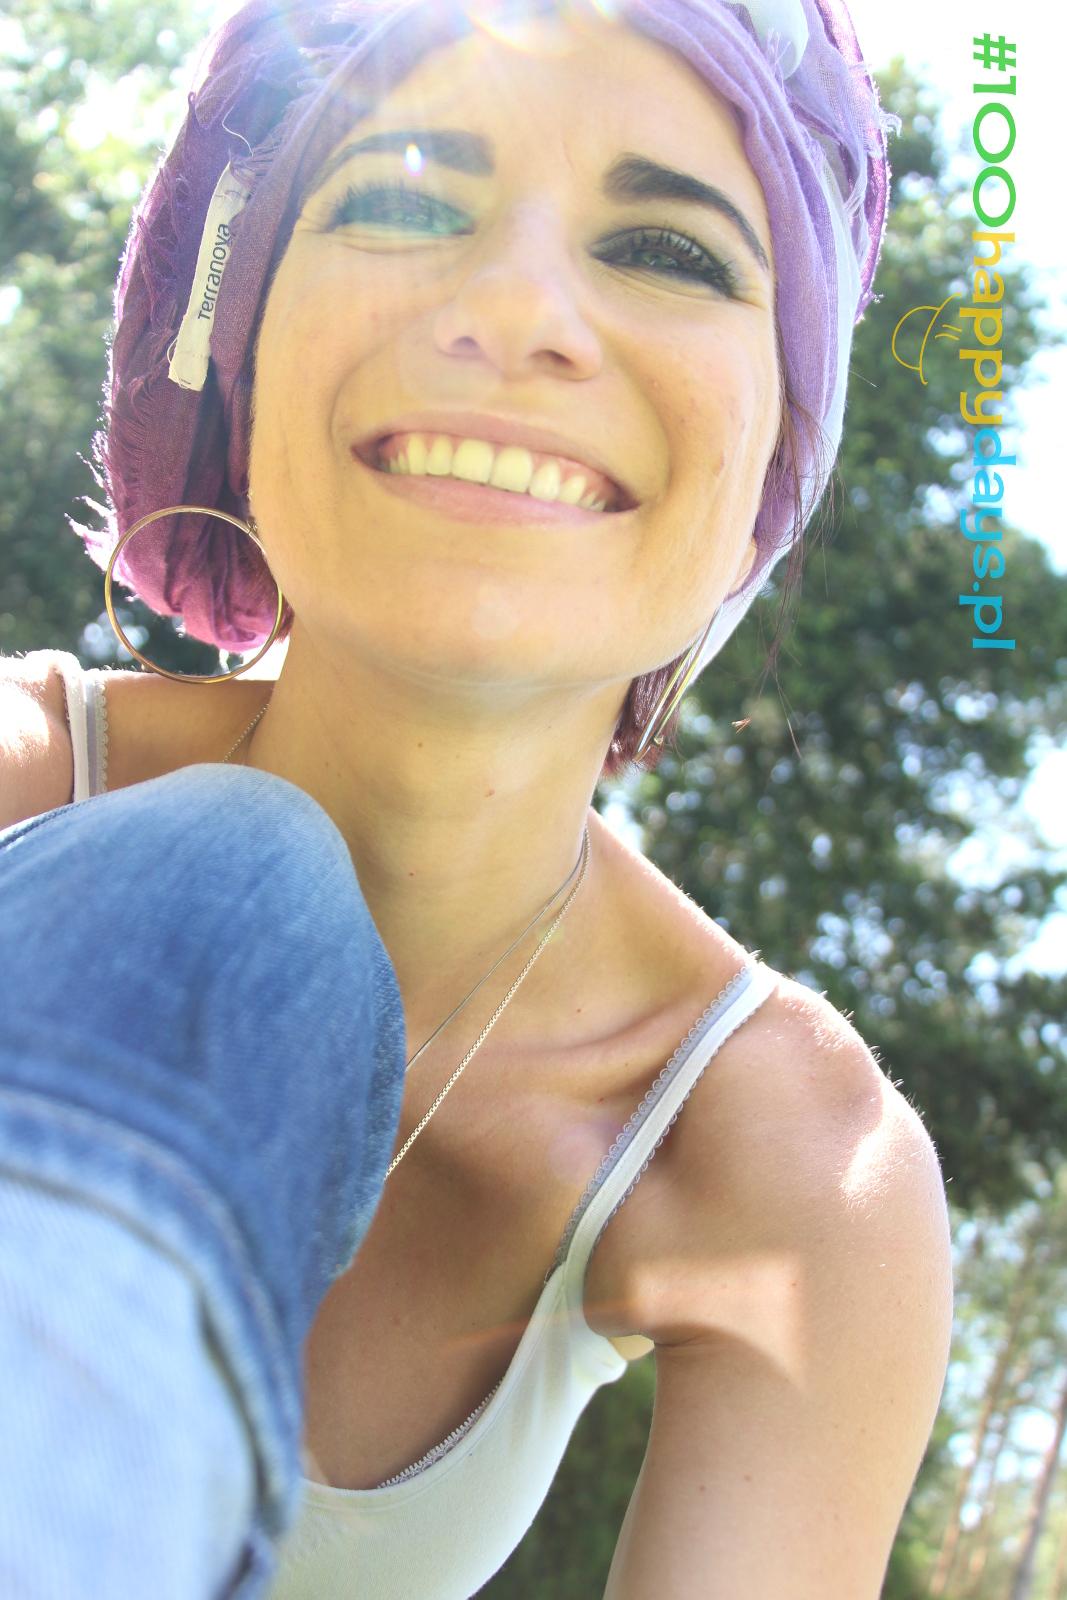 szczęście to początek lata_100happydays.pl